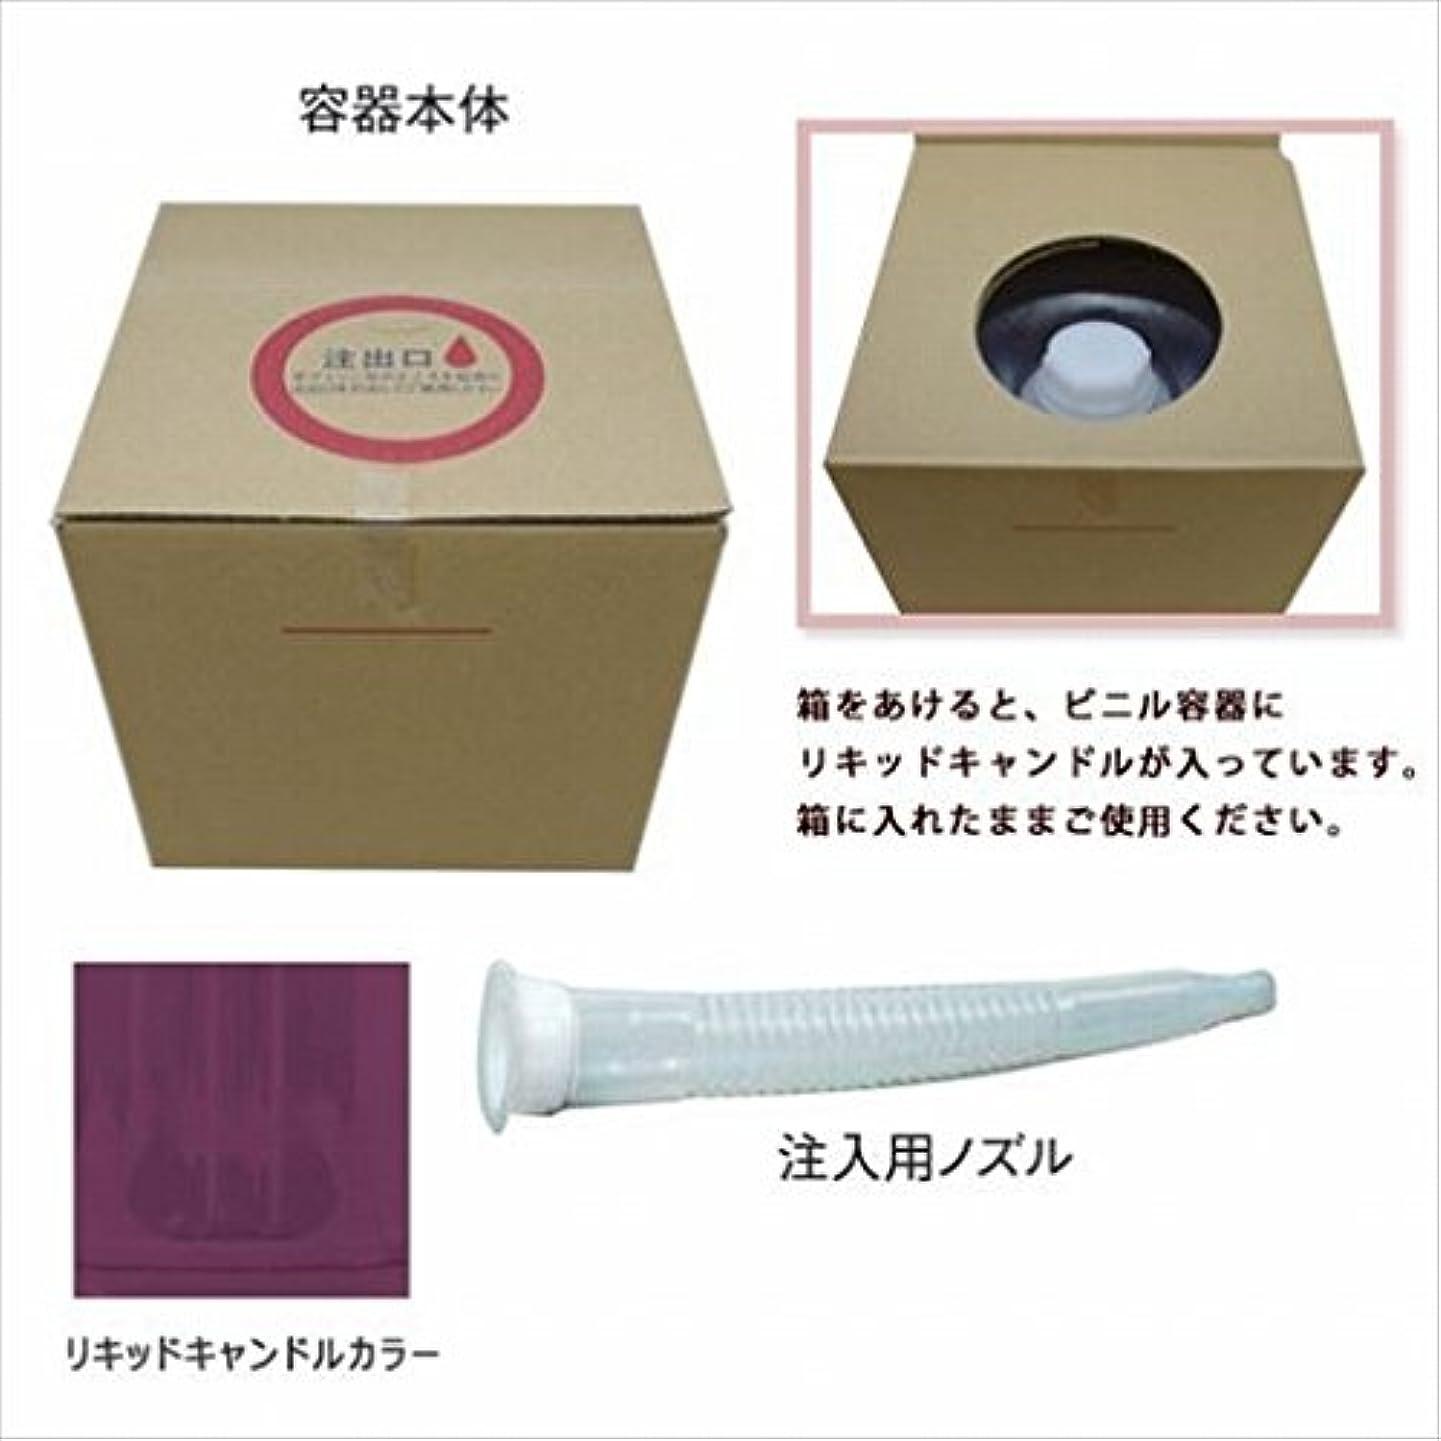 論争絶えず終わらせるカメヤマキャンドル(kameyama candle) リキッドキャンドル5リットル 「 バイオレット 」